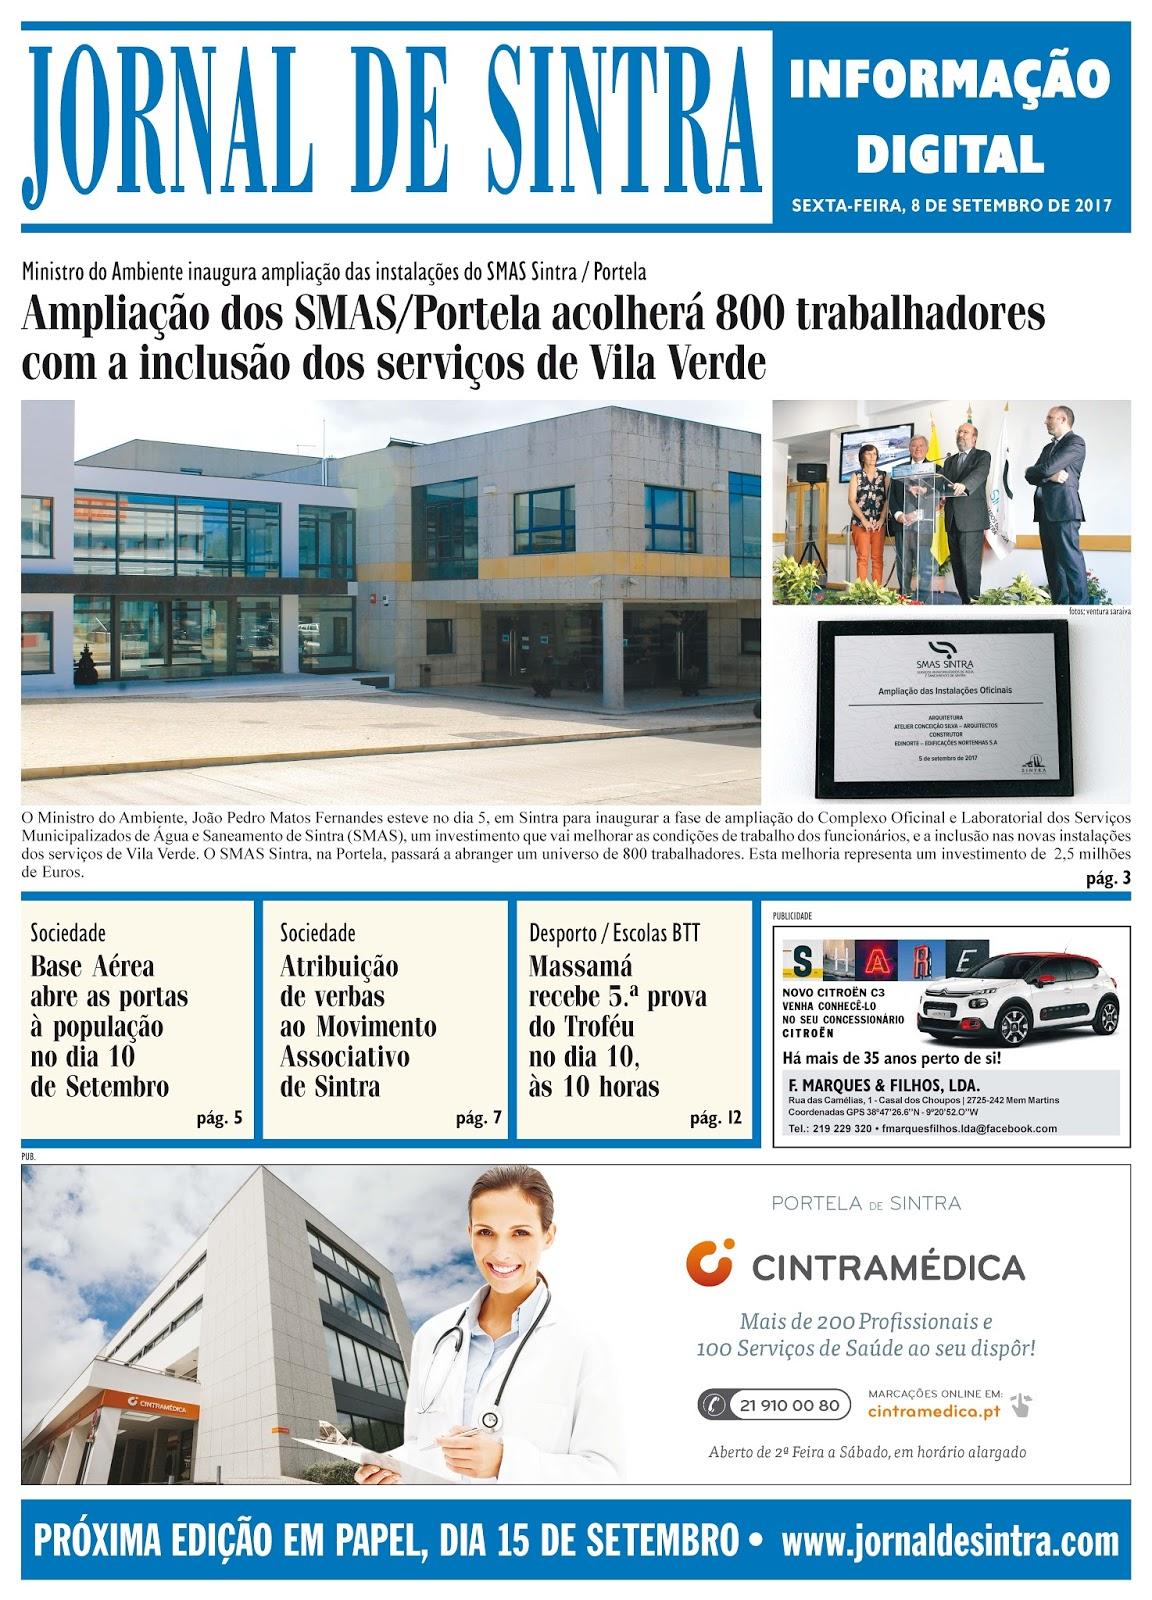 Capa da edição de 08-09-2017